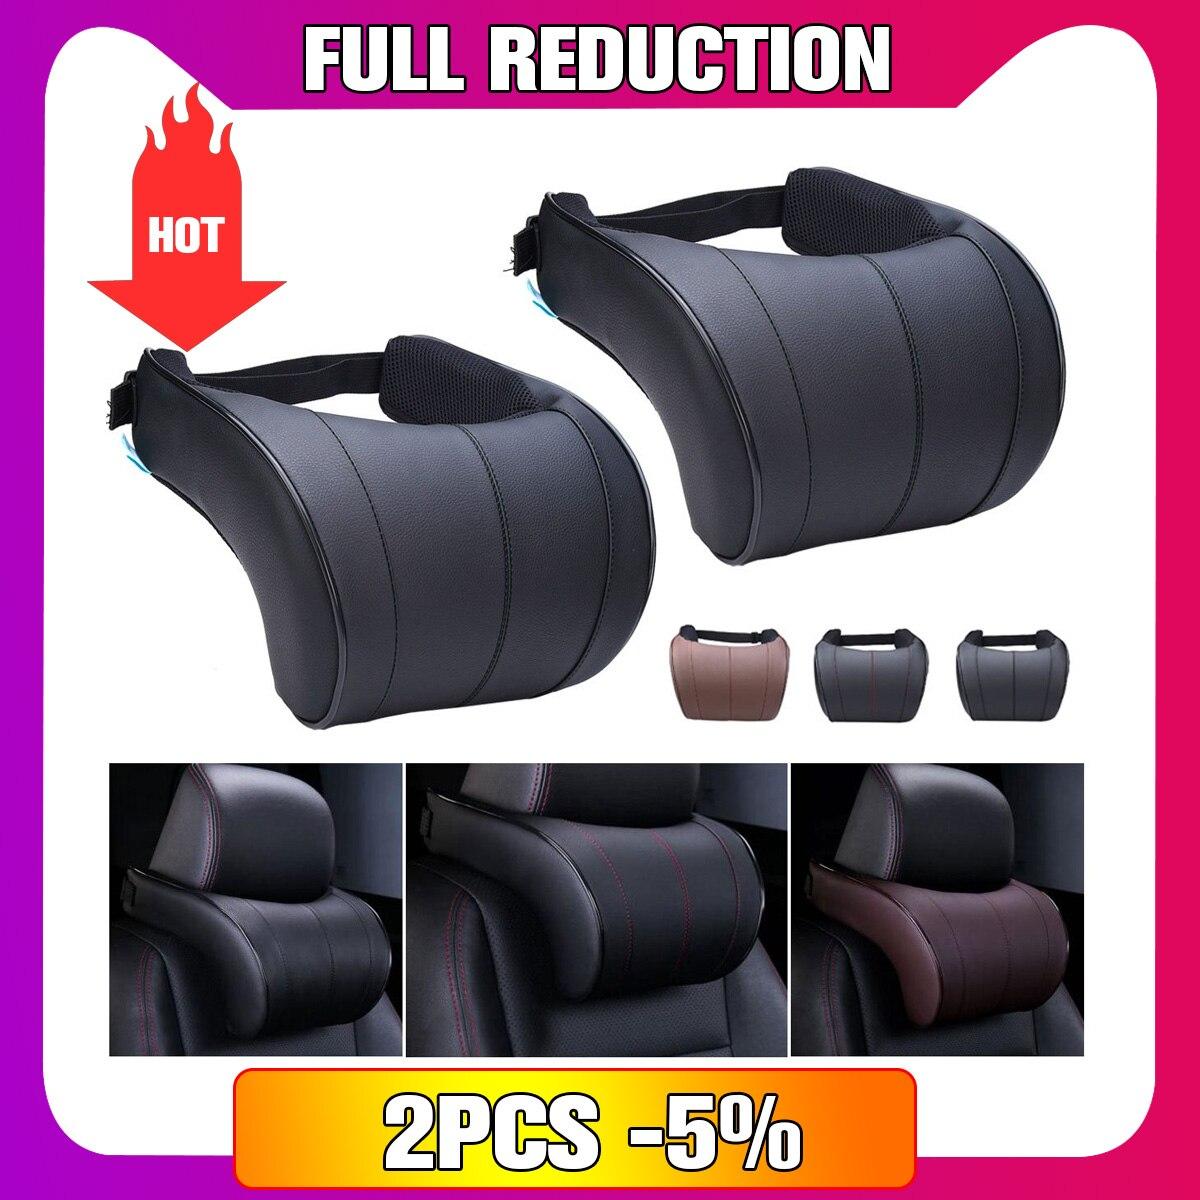 Auzan 1PCS PU Leather Auto Car Neck Pillow Memory Foam Pillows Neck Rest Seat Headrest Cushion Pad 3 Colors все цены